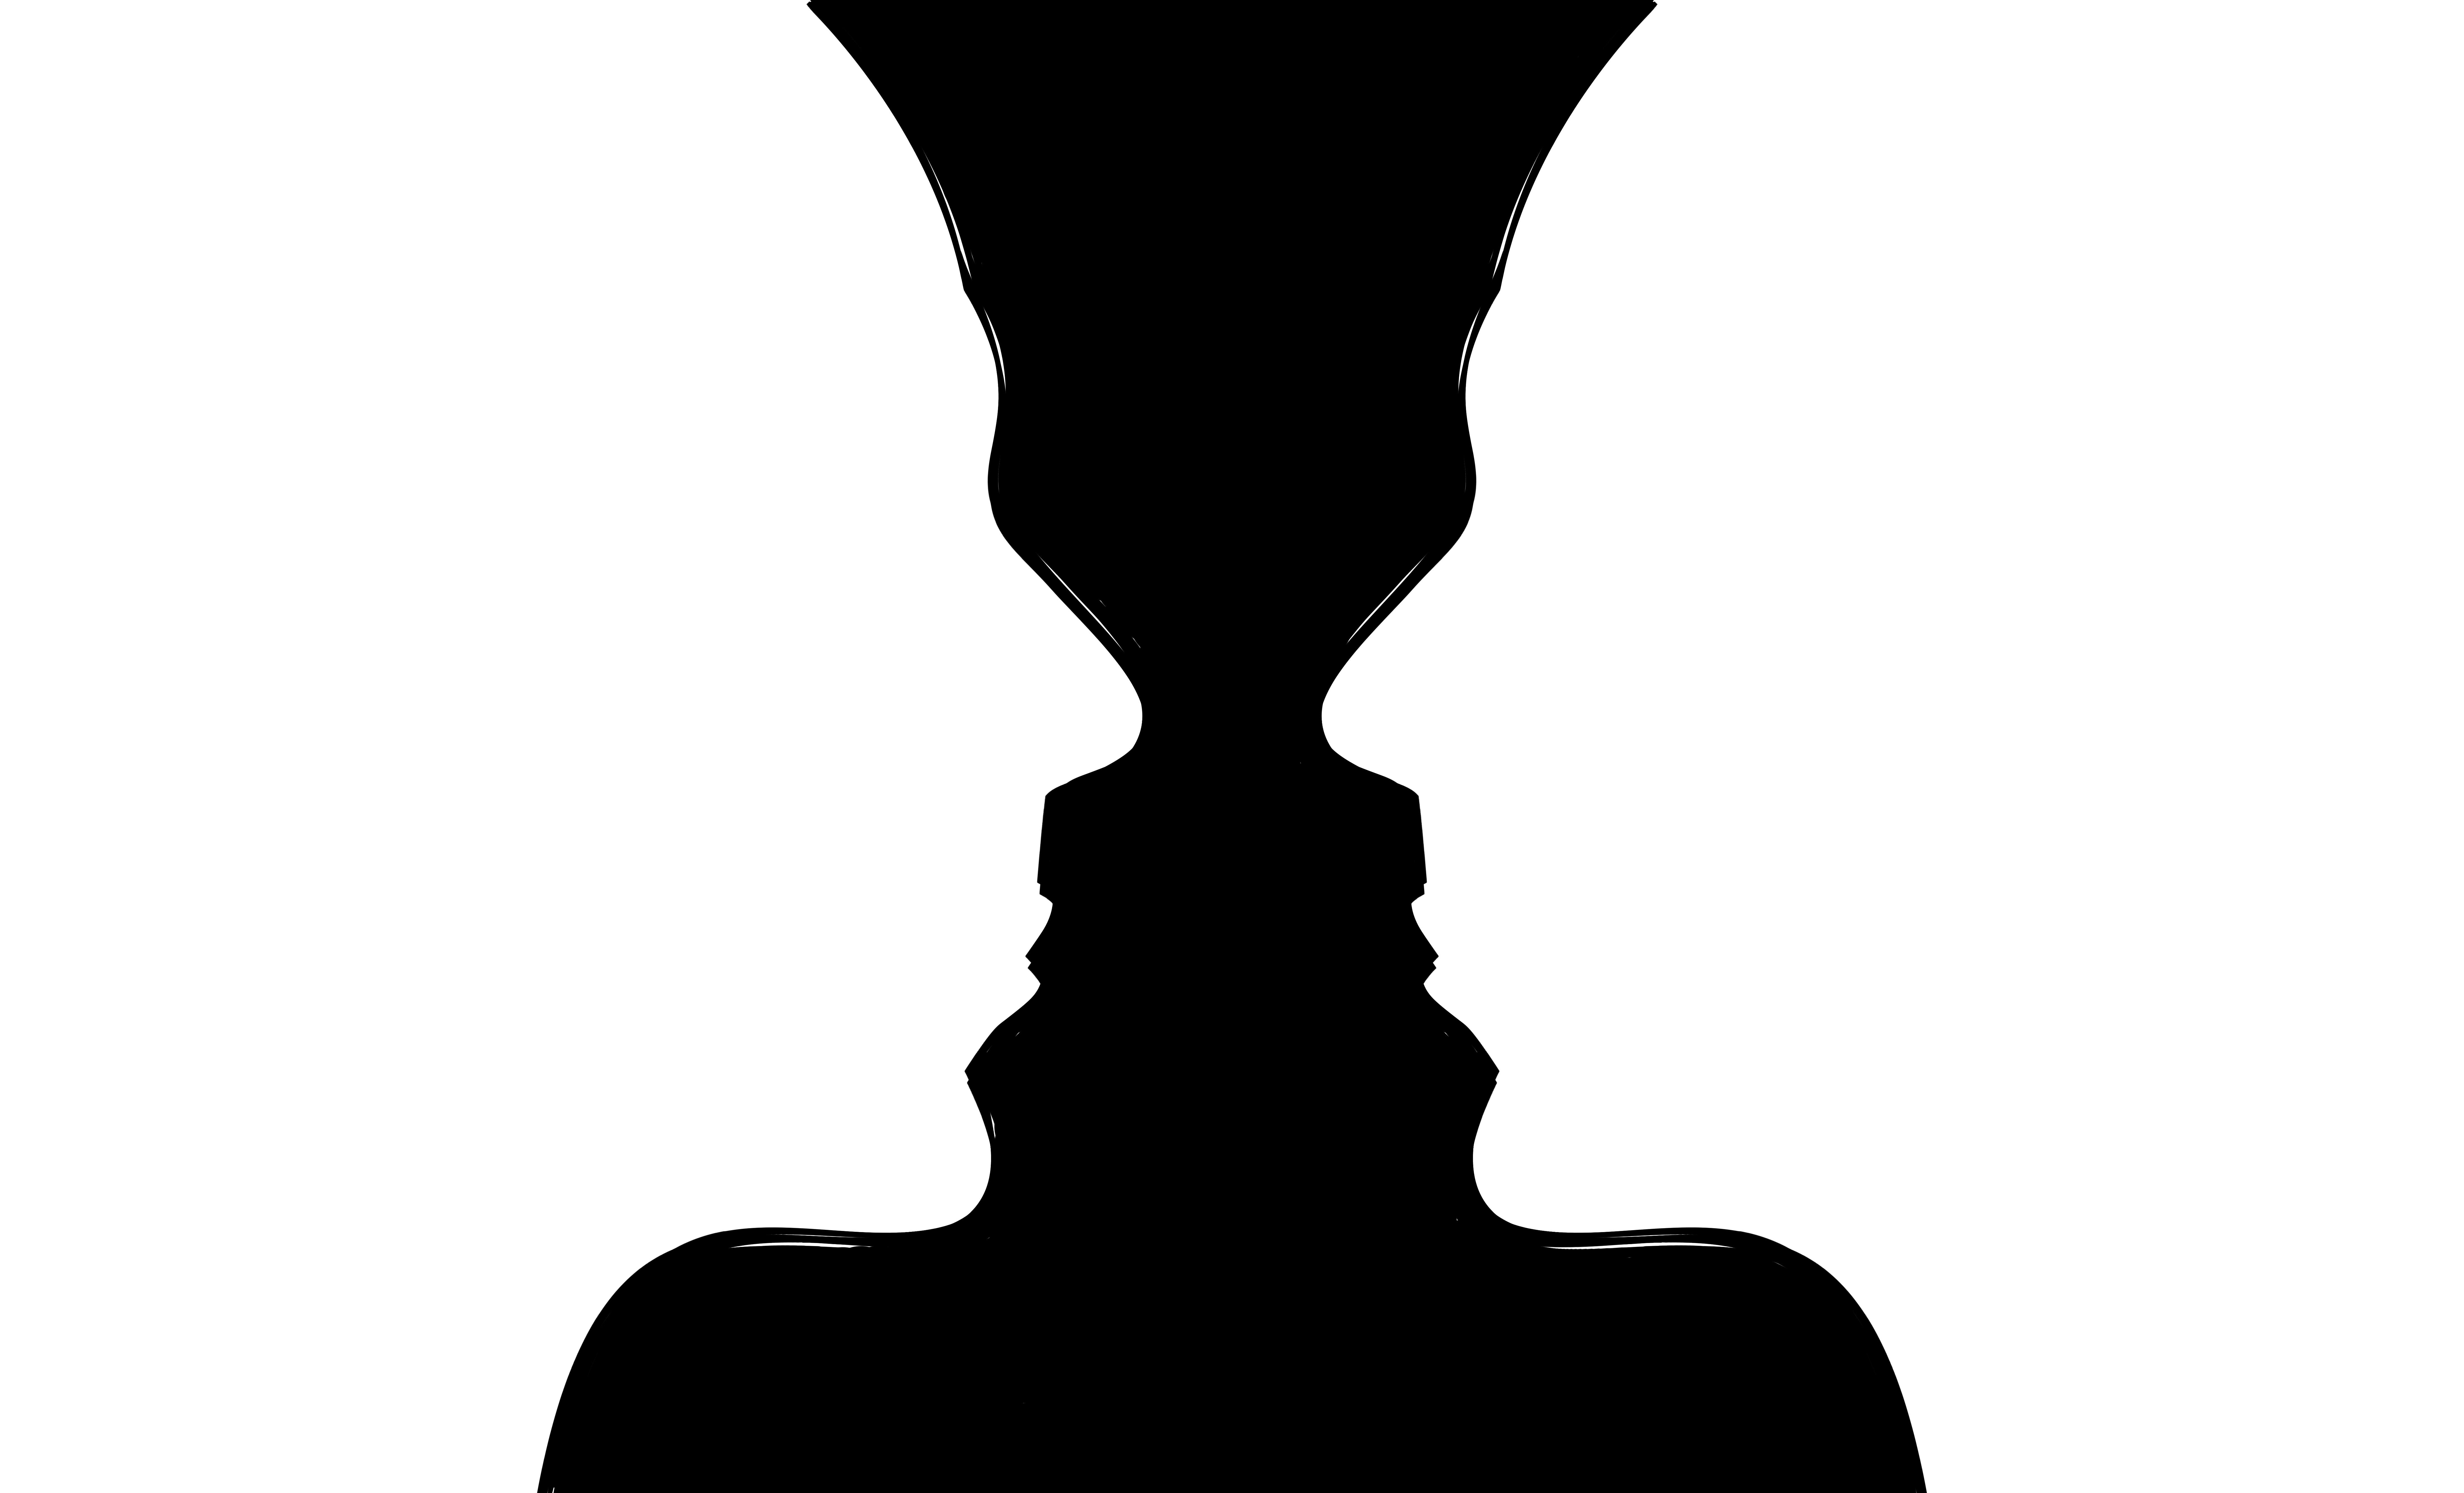 Fear clipart sleep Brain person comparison vase Images